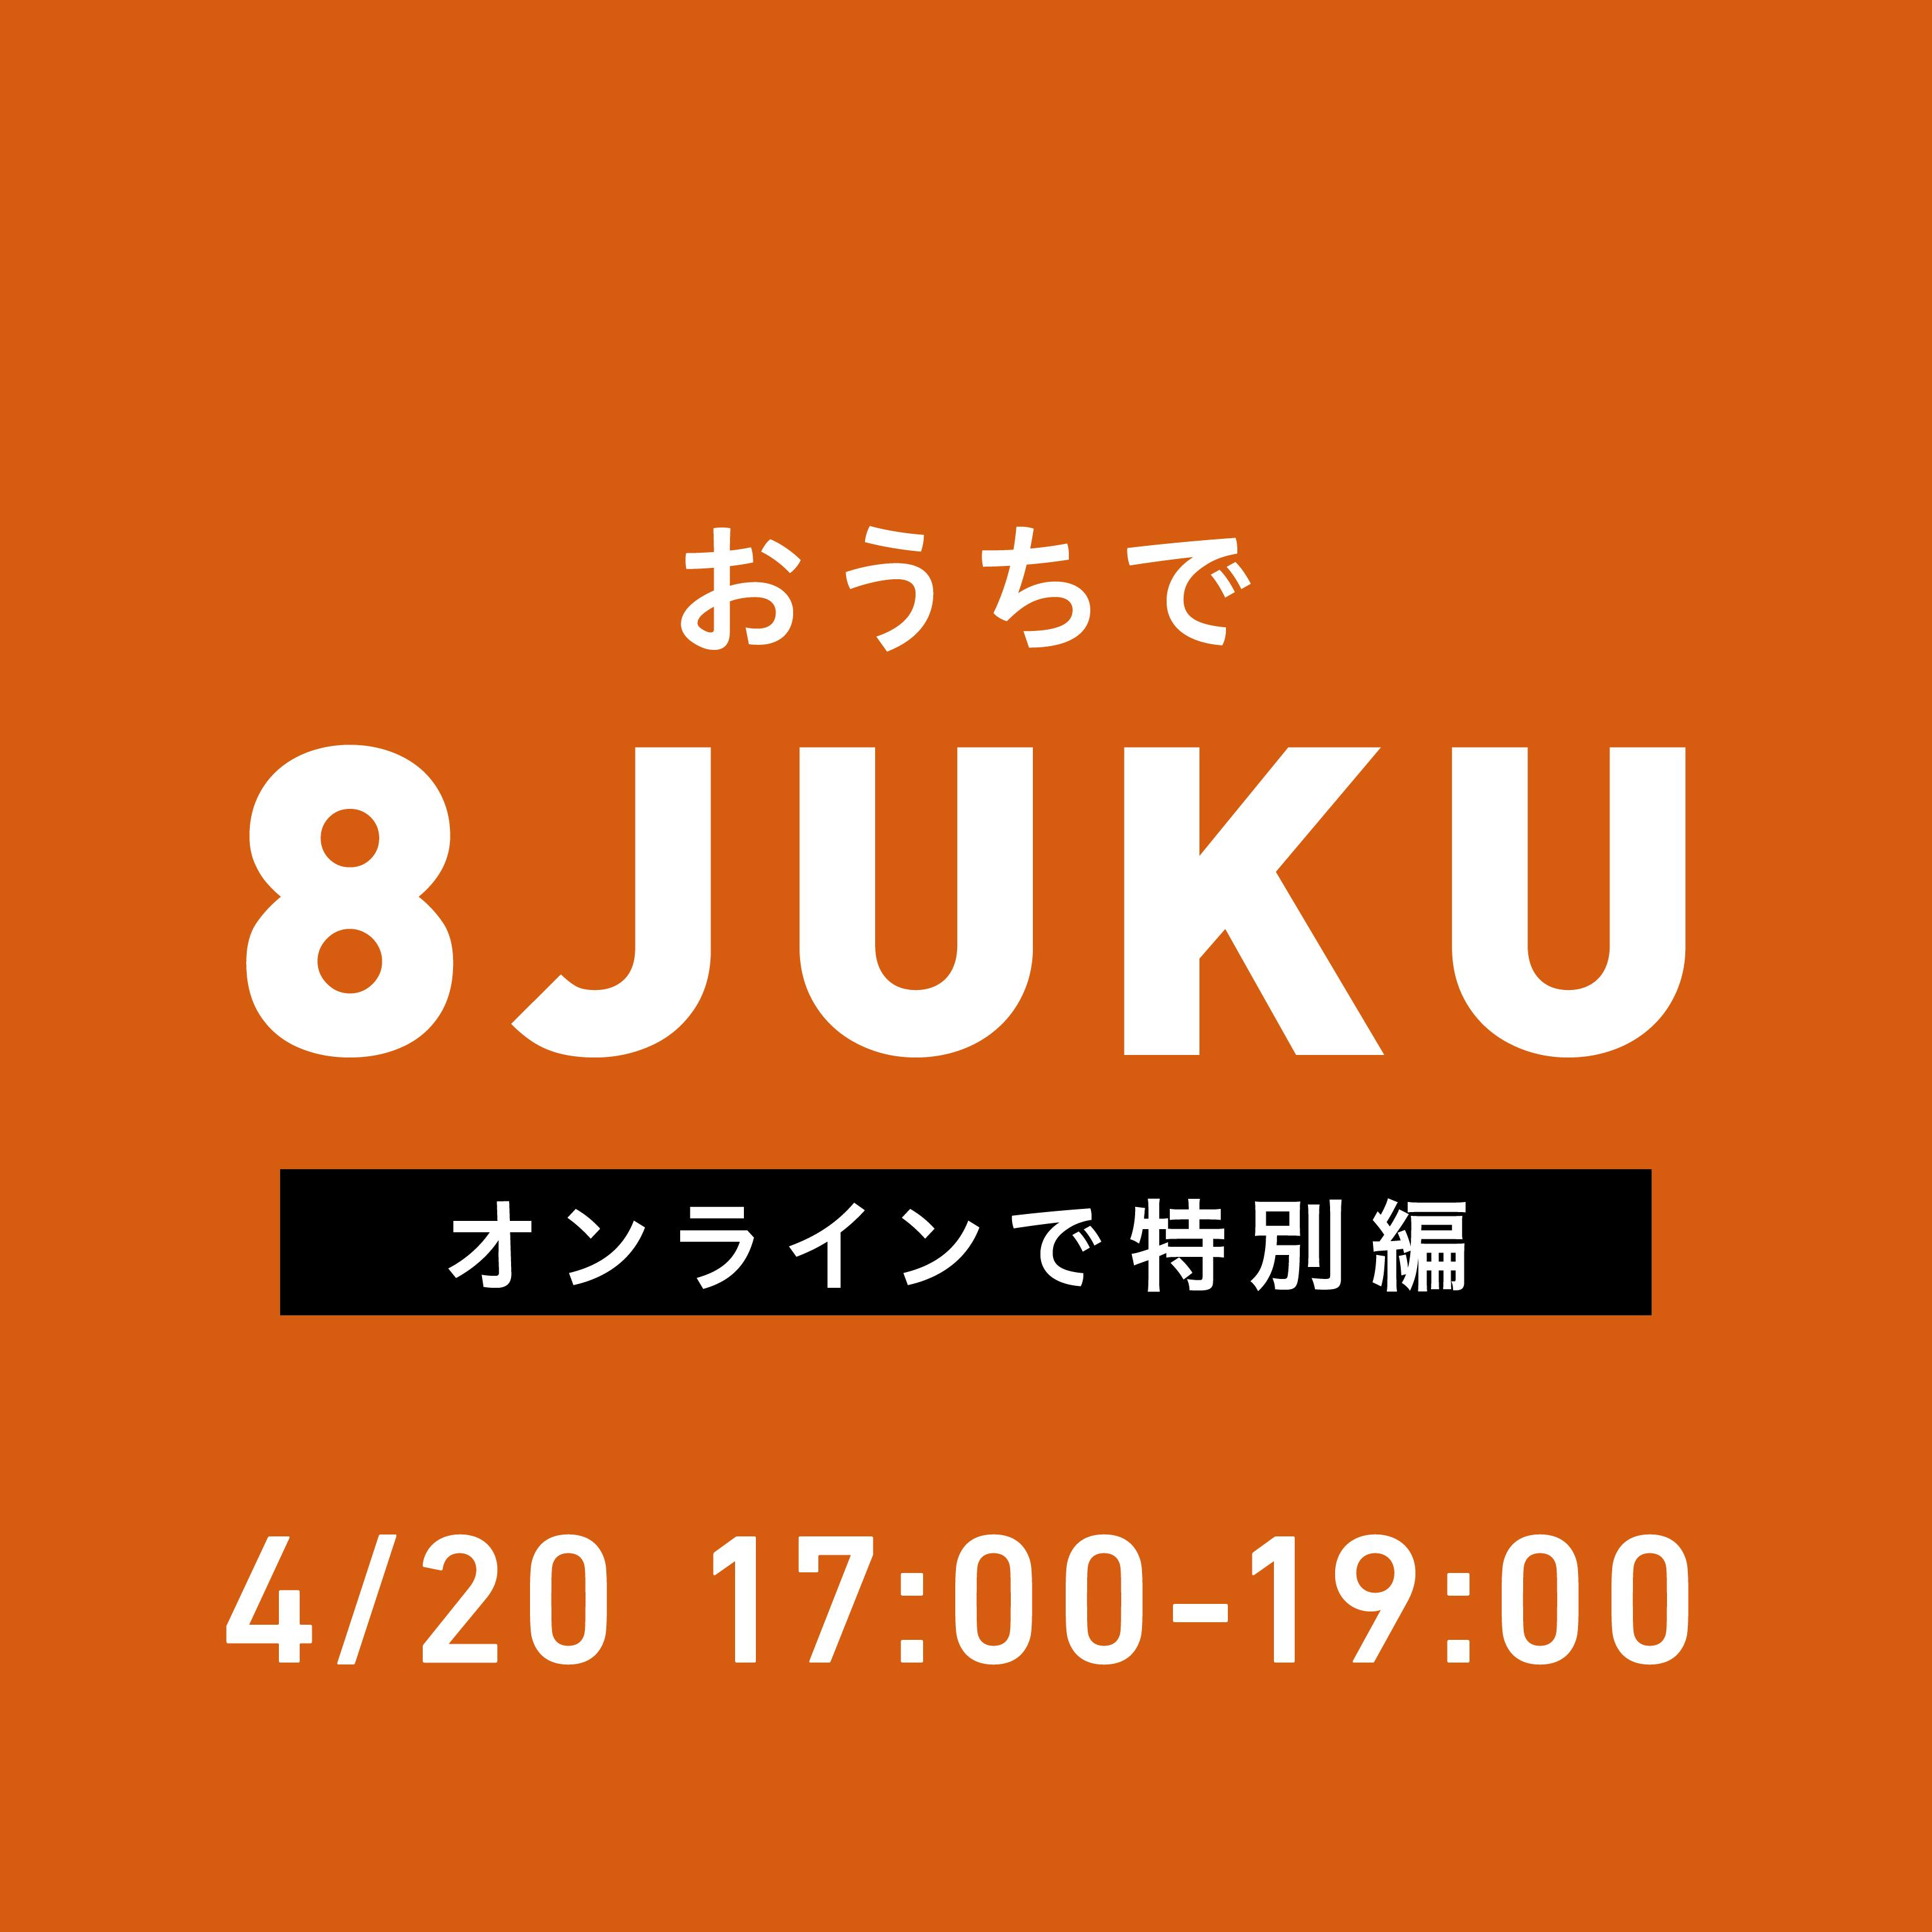 おうちで8JUKU!(特別編)